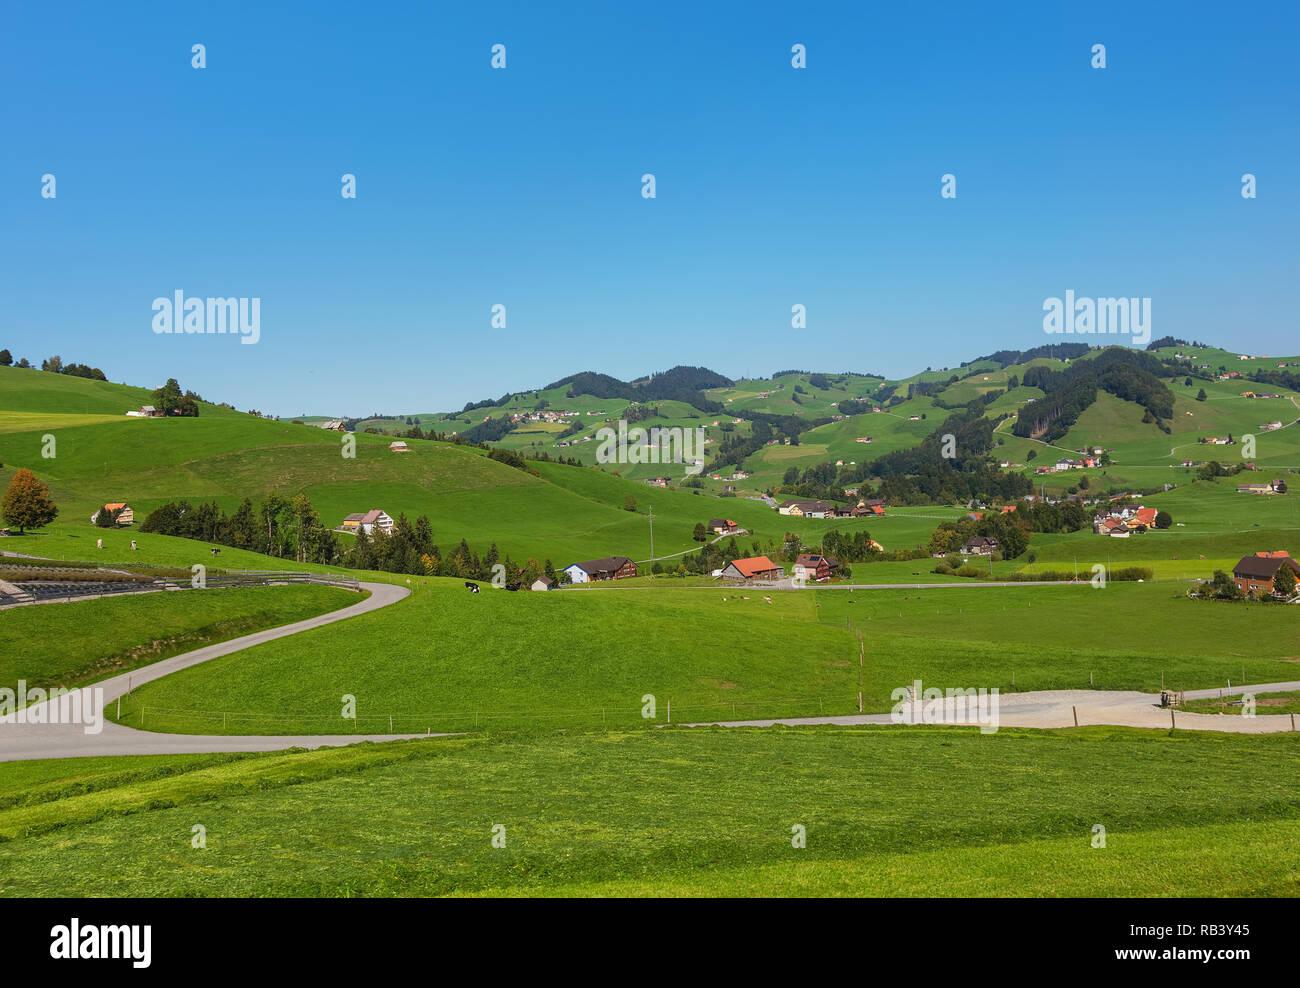 Auf dem Land in der Schweiz im Herbst - ein Bild im September in der Nähe von Appenzell. Stockbild